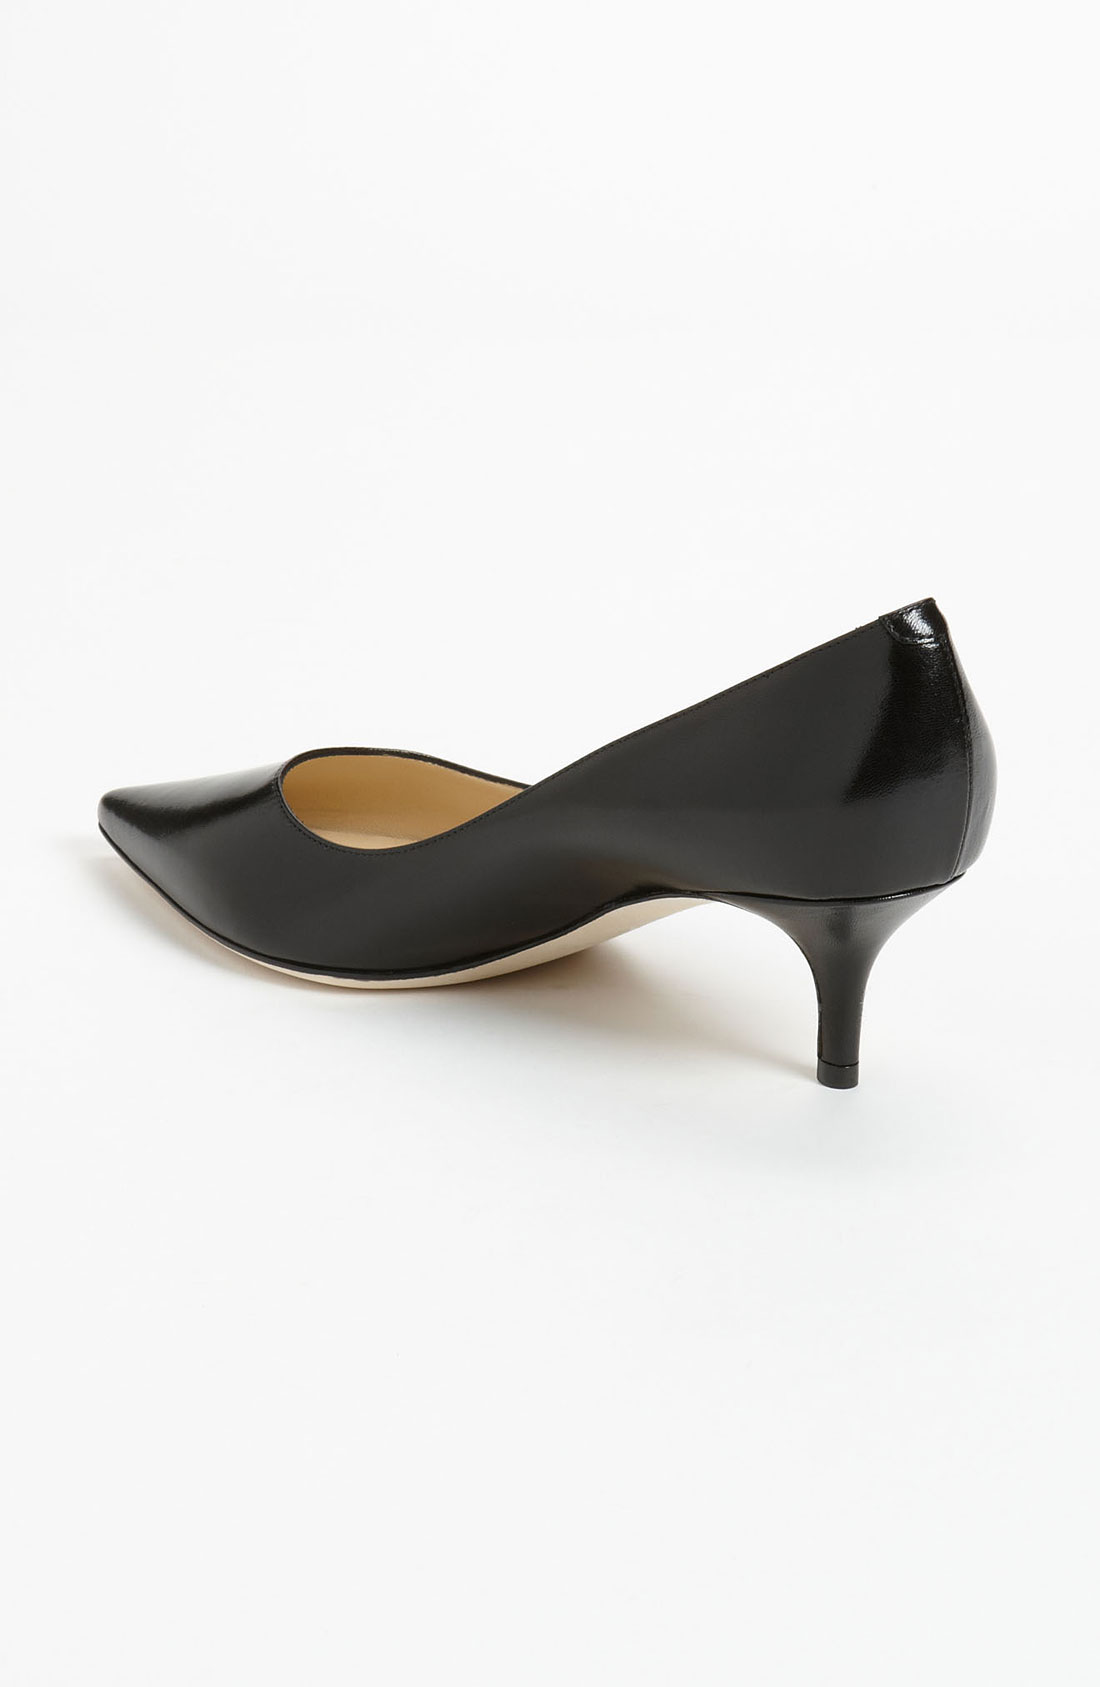 Black Open Toe Kitten Heels